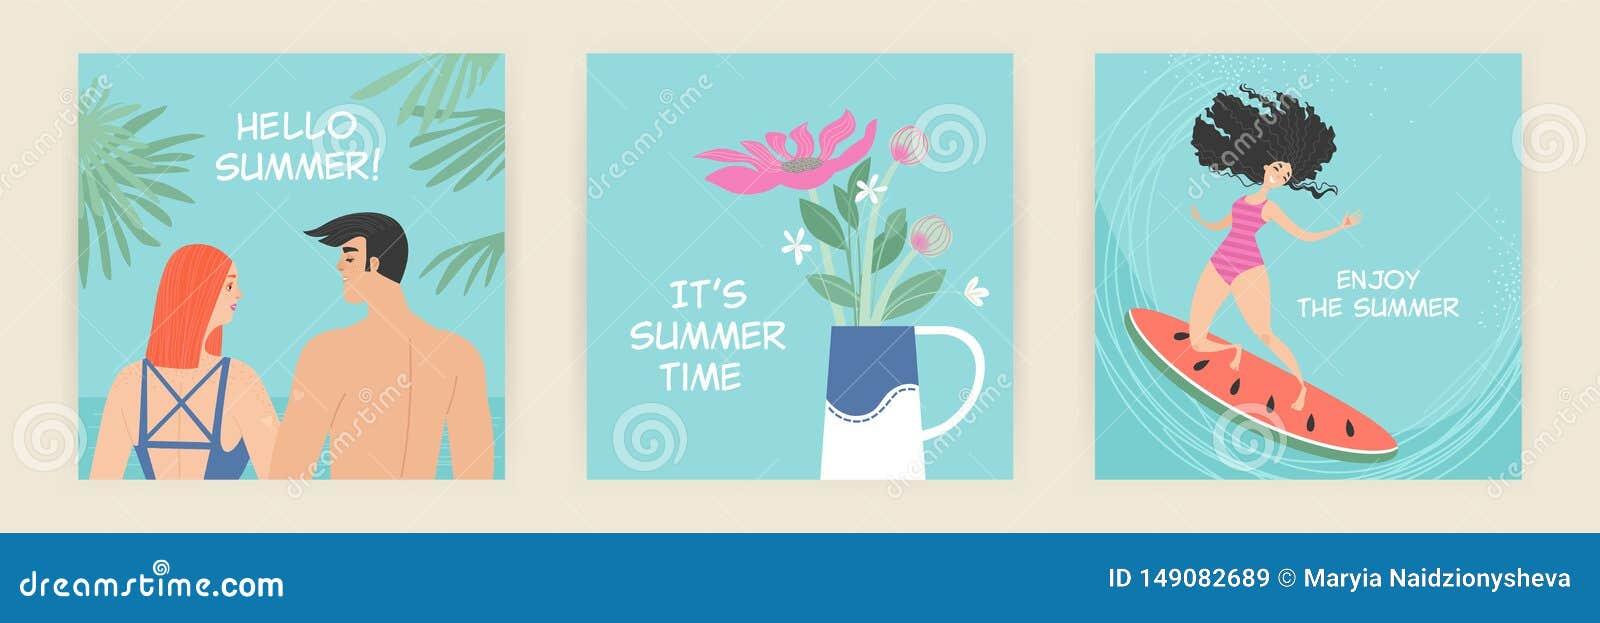 Set wektorowe kartki z pozdrowieniami z lato ilustracjami śliczne postacie z kreskówki